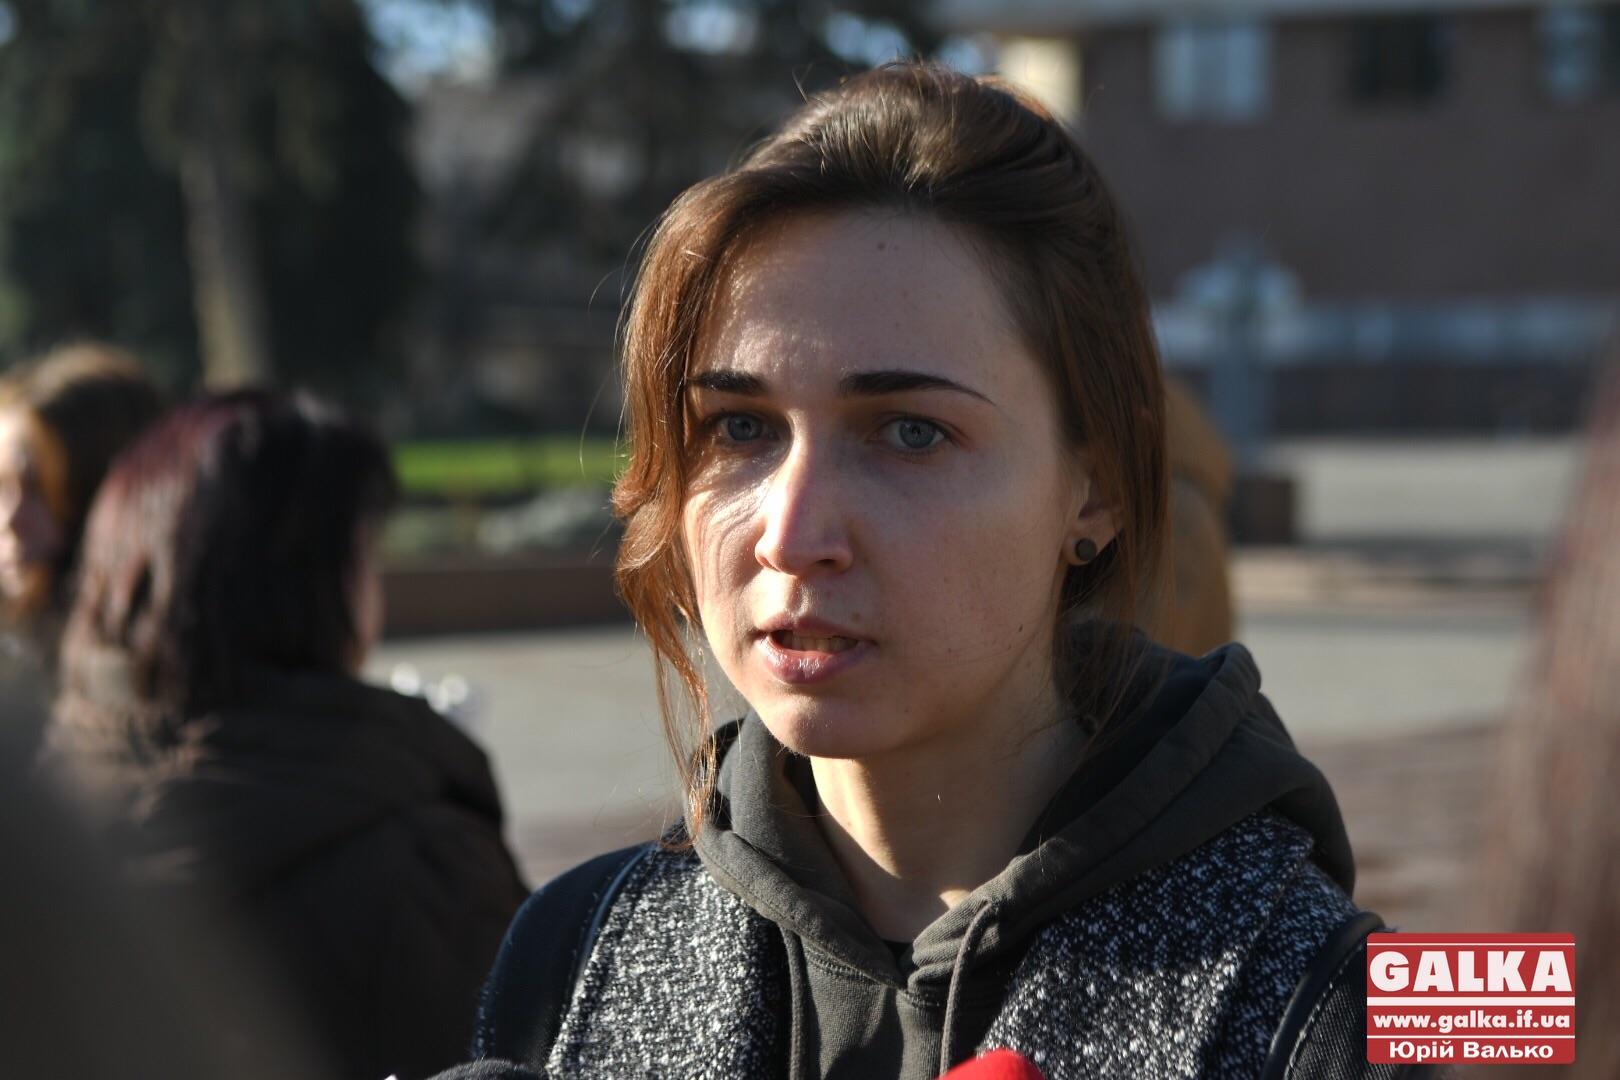 «Україна без шкуродерень»: у Франківську зоозахисники вимагали заборонити хутряні ферми (ФОТО)